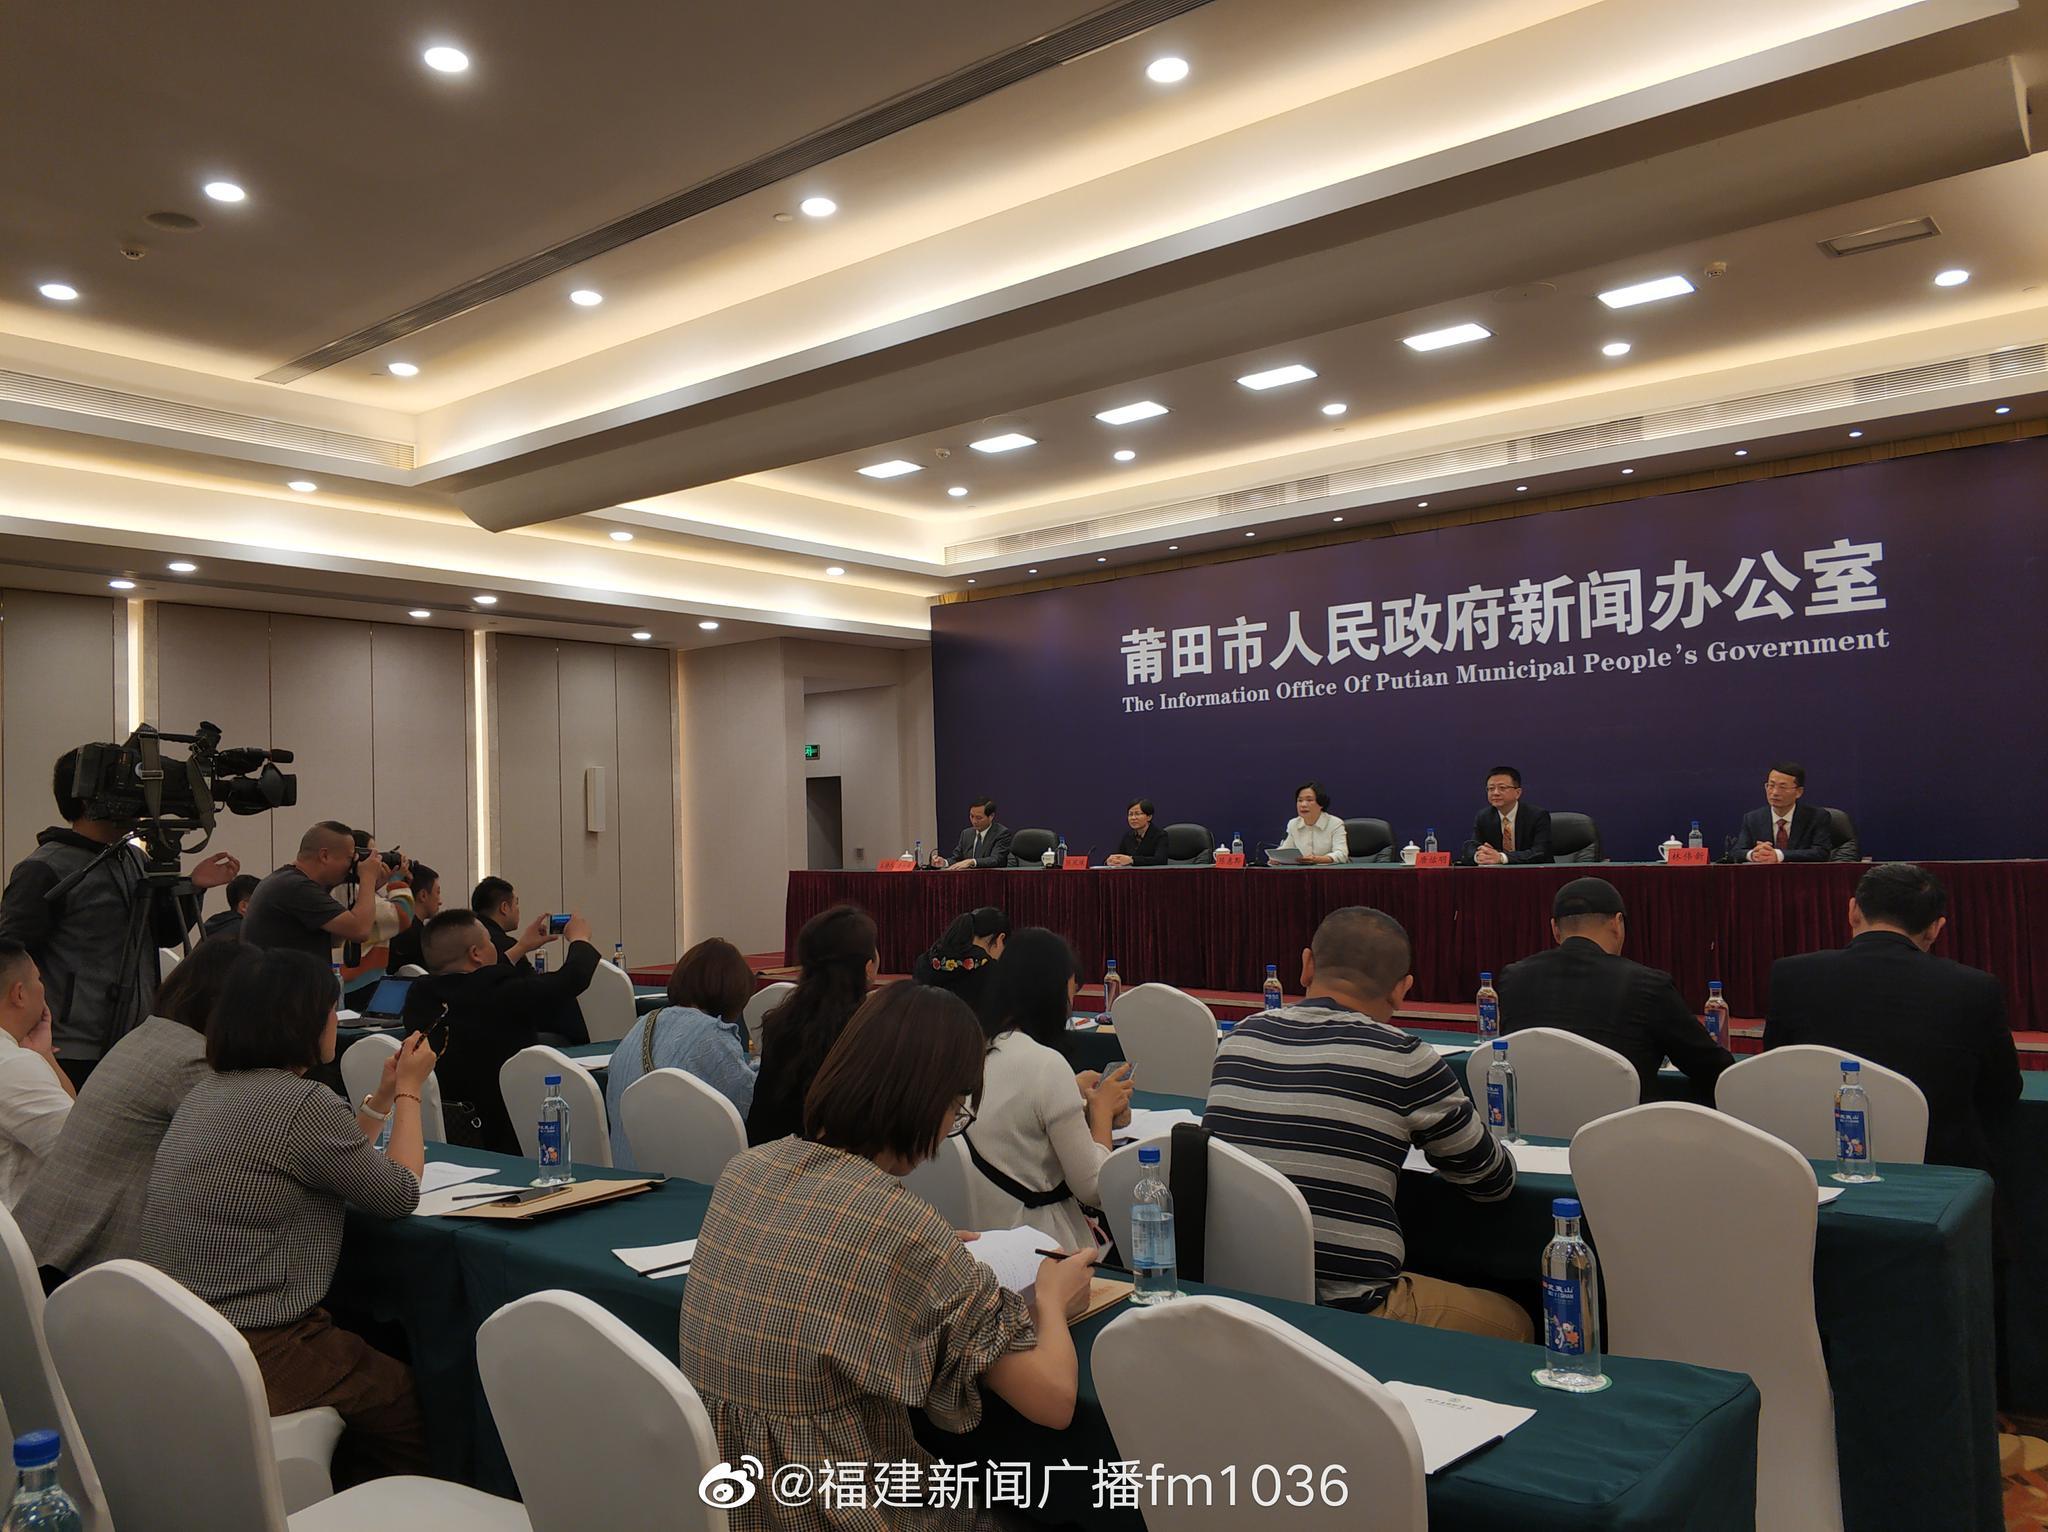 李永波现场解说指导,林丹鲍春来等名将巅峰对决